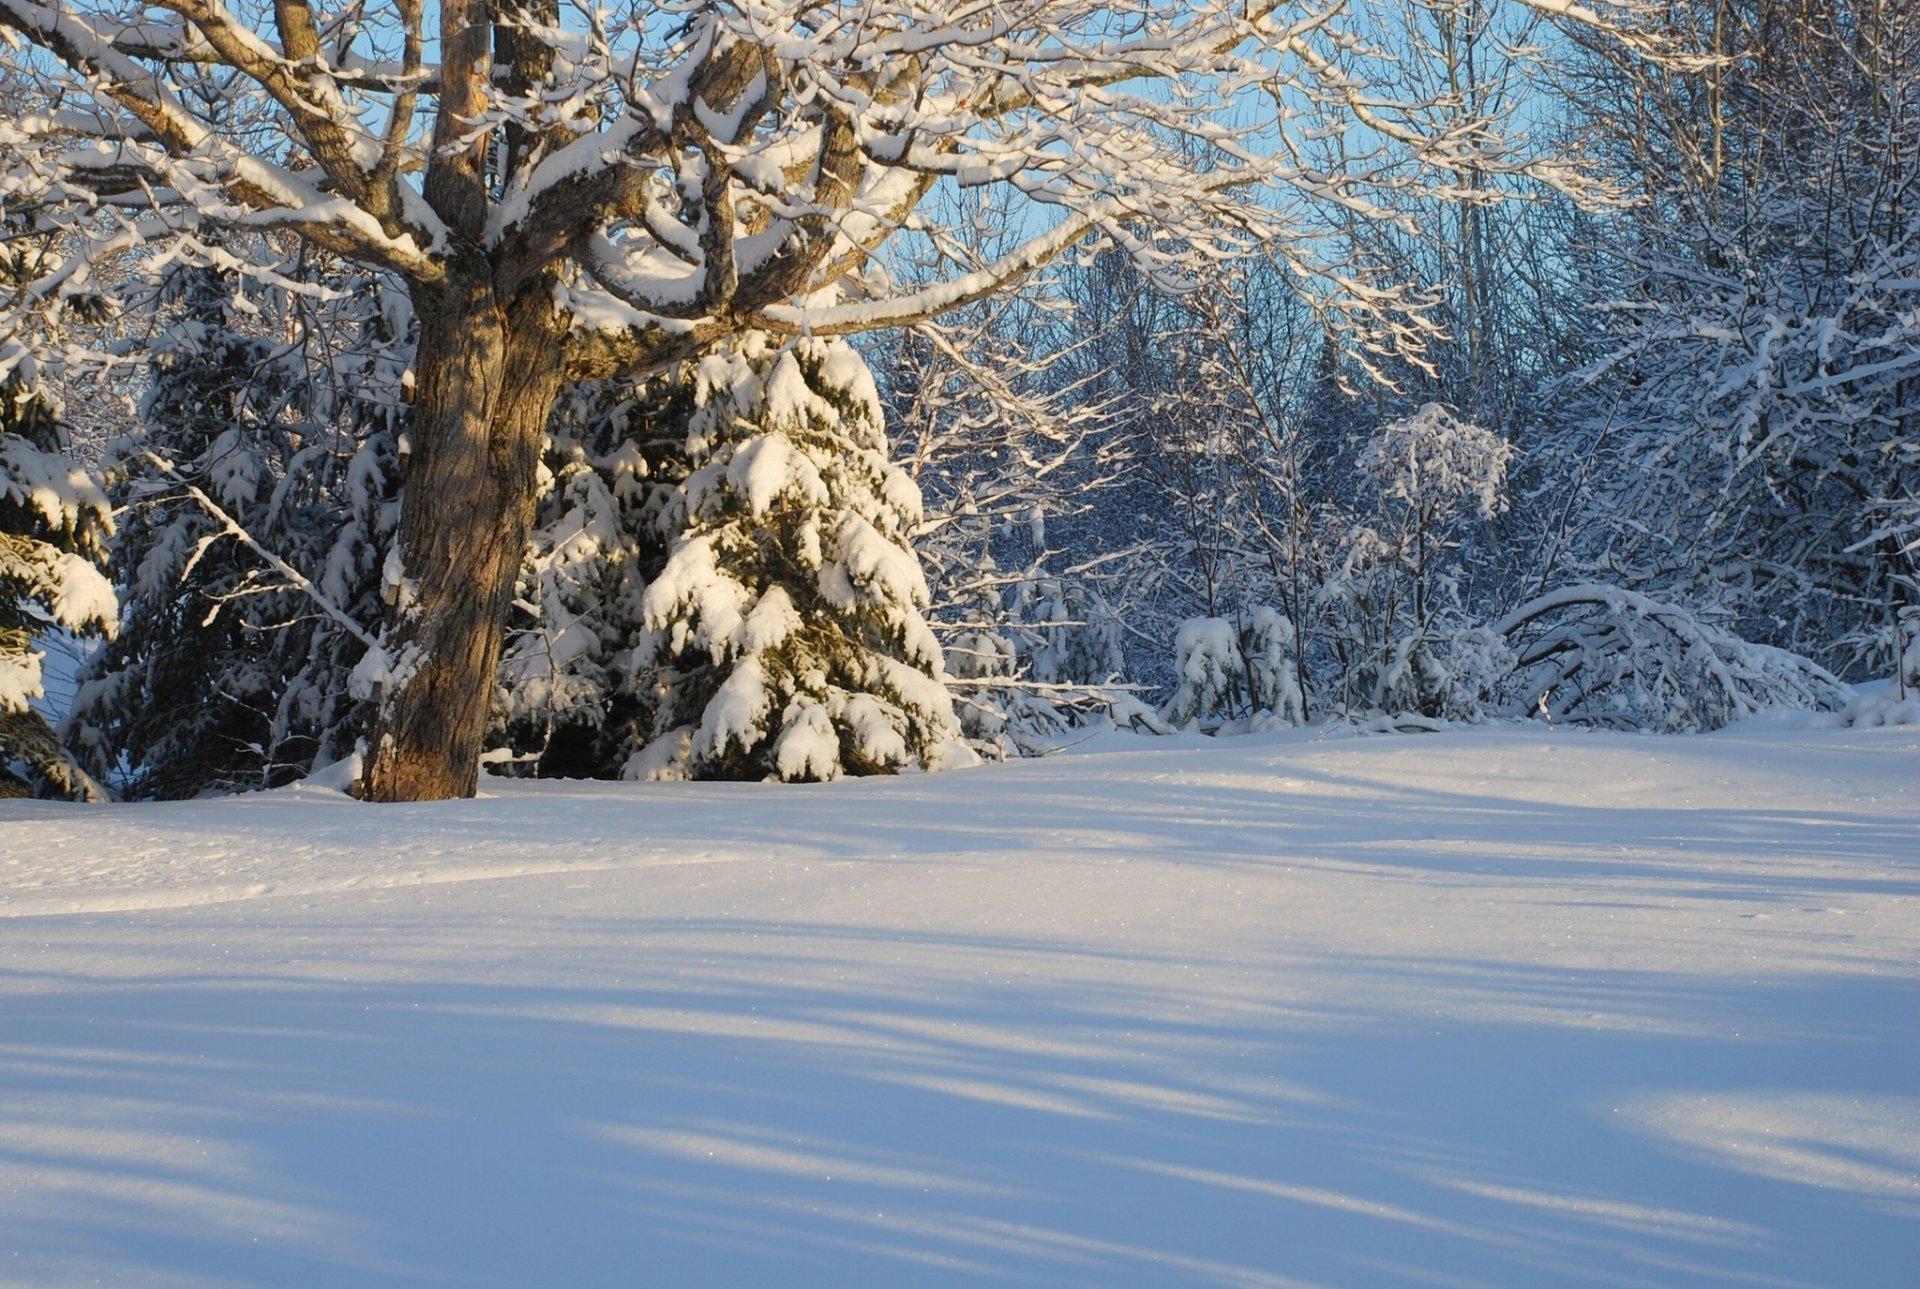 между поляна в лесу зимой картинки теперь